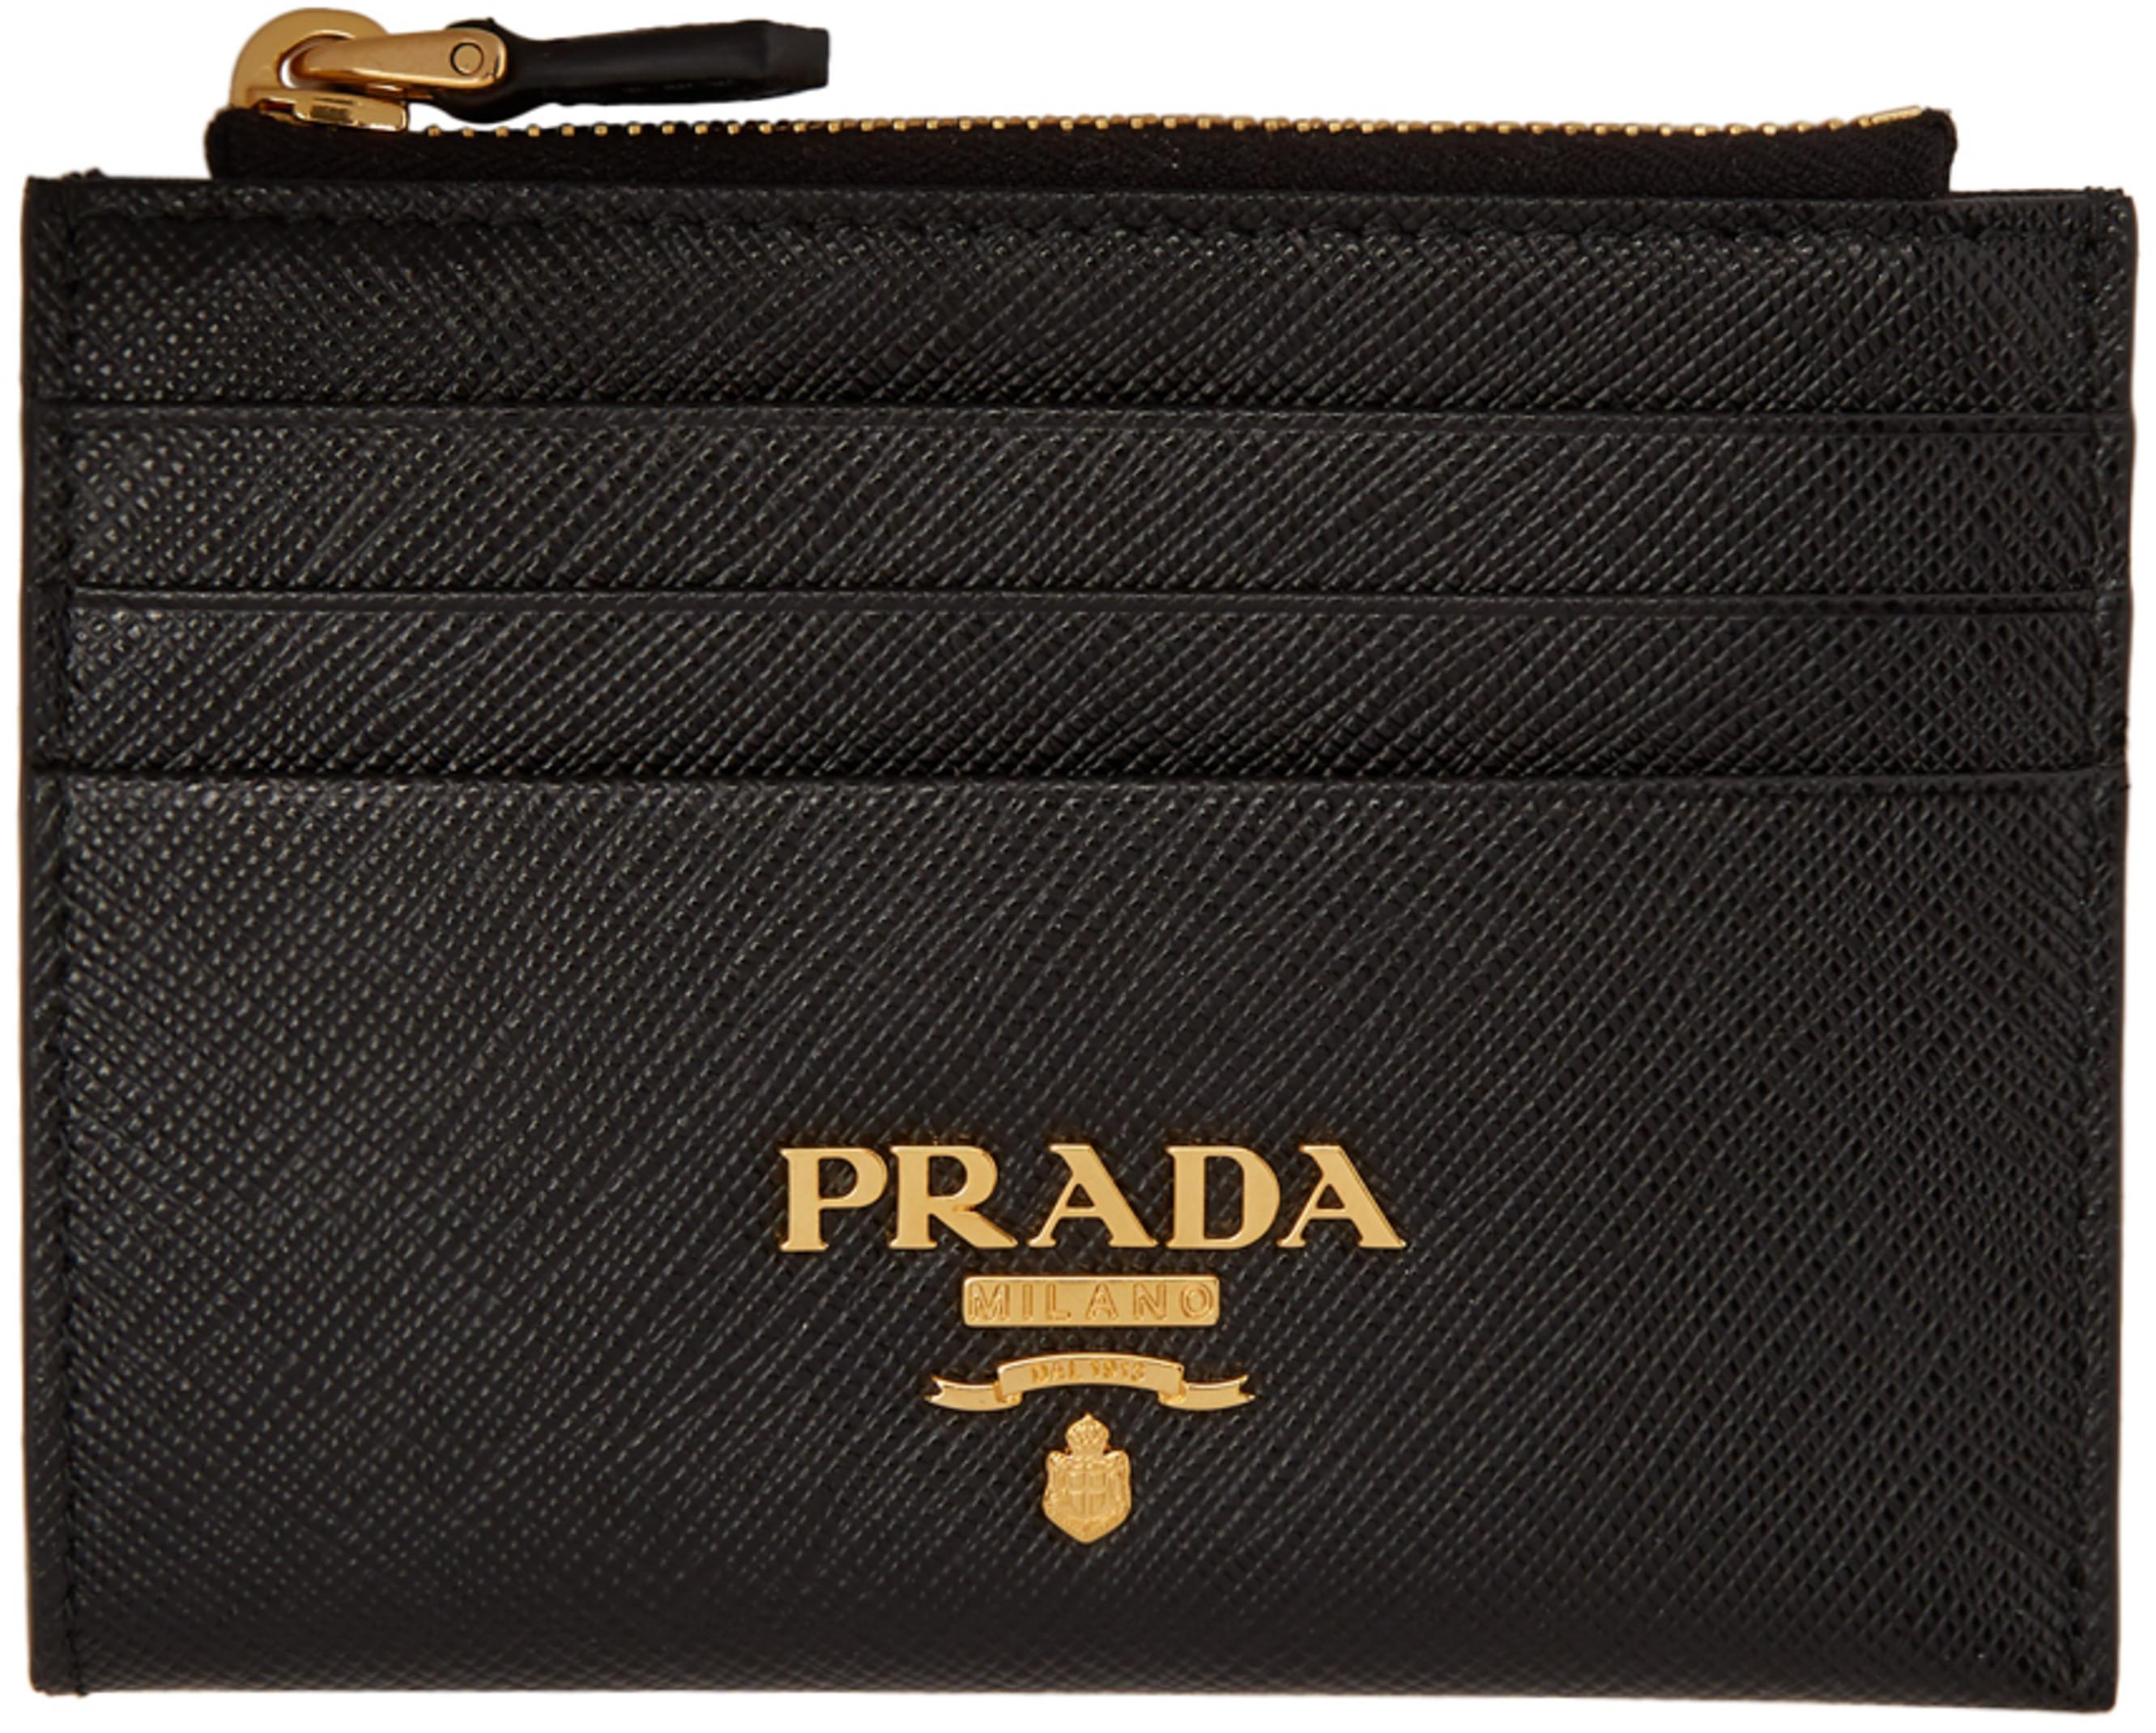 851091f61a600e Prada for Women SS19 Collection | SSENSE Canada